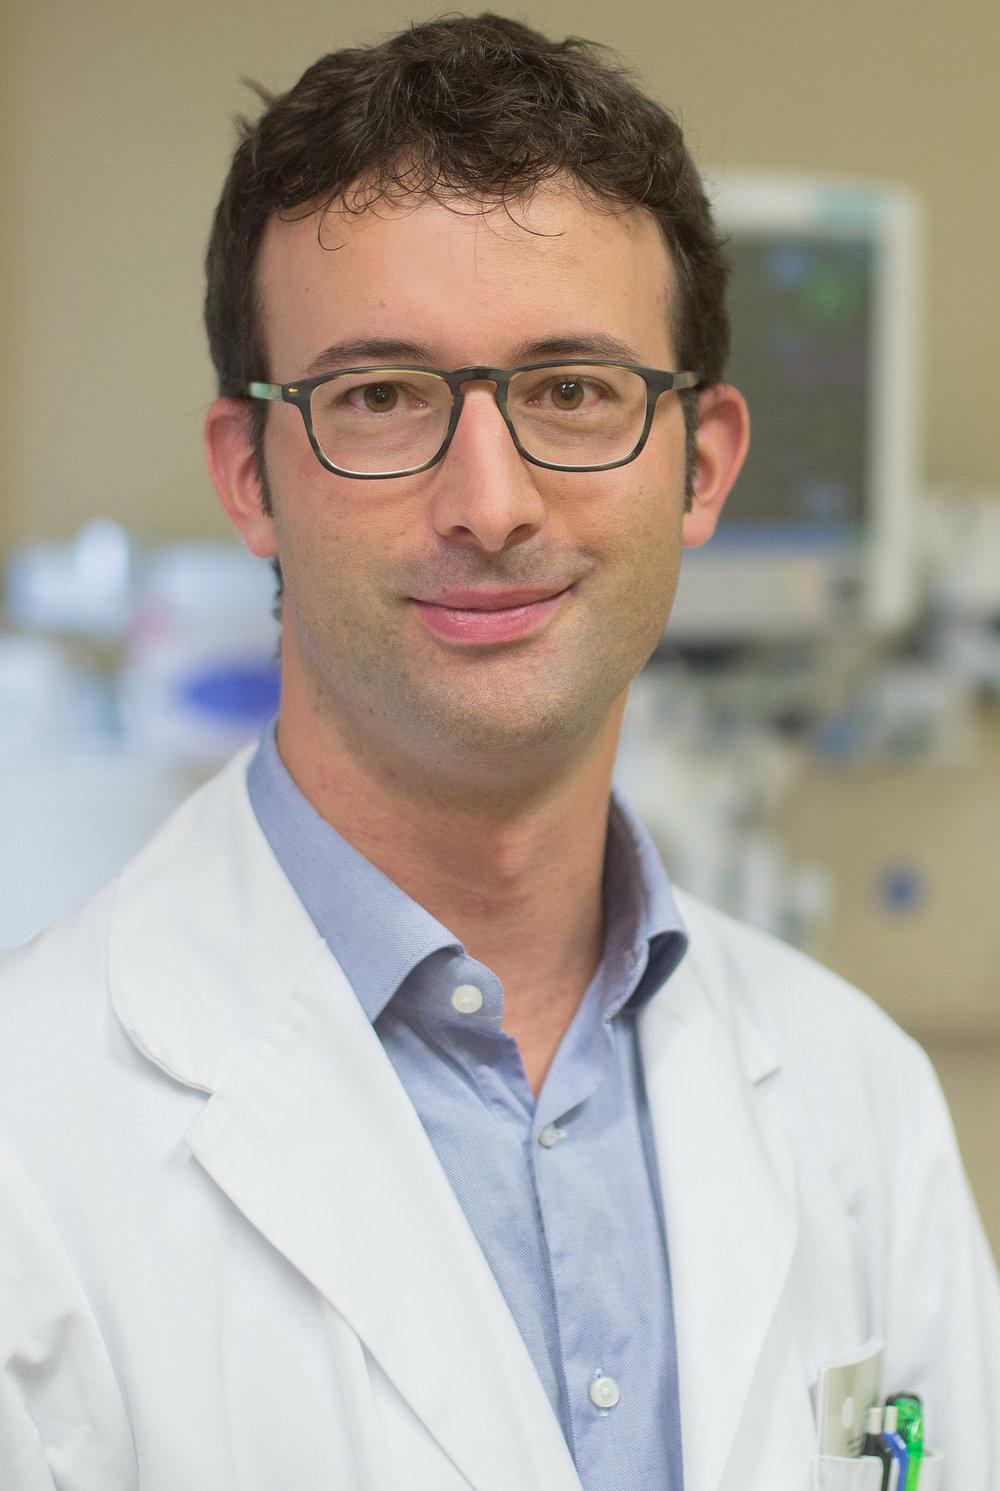 Mario Venzin ist stellvertretender Leitender Arzt im Regionalspital Ilanz. Er übernimmt ab 2021 die Hausarztpraxis in Vella.